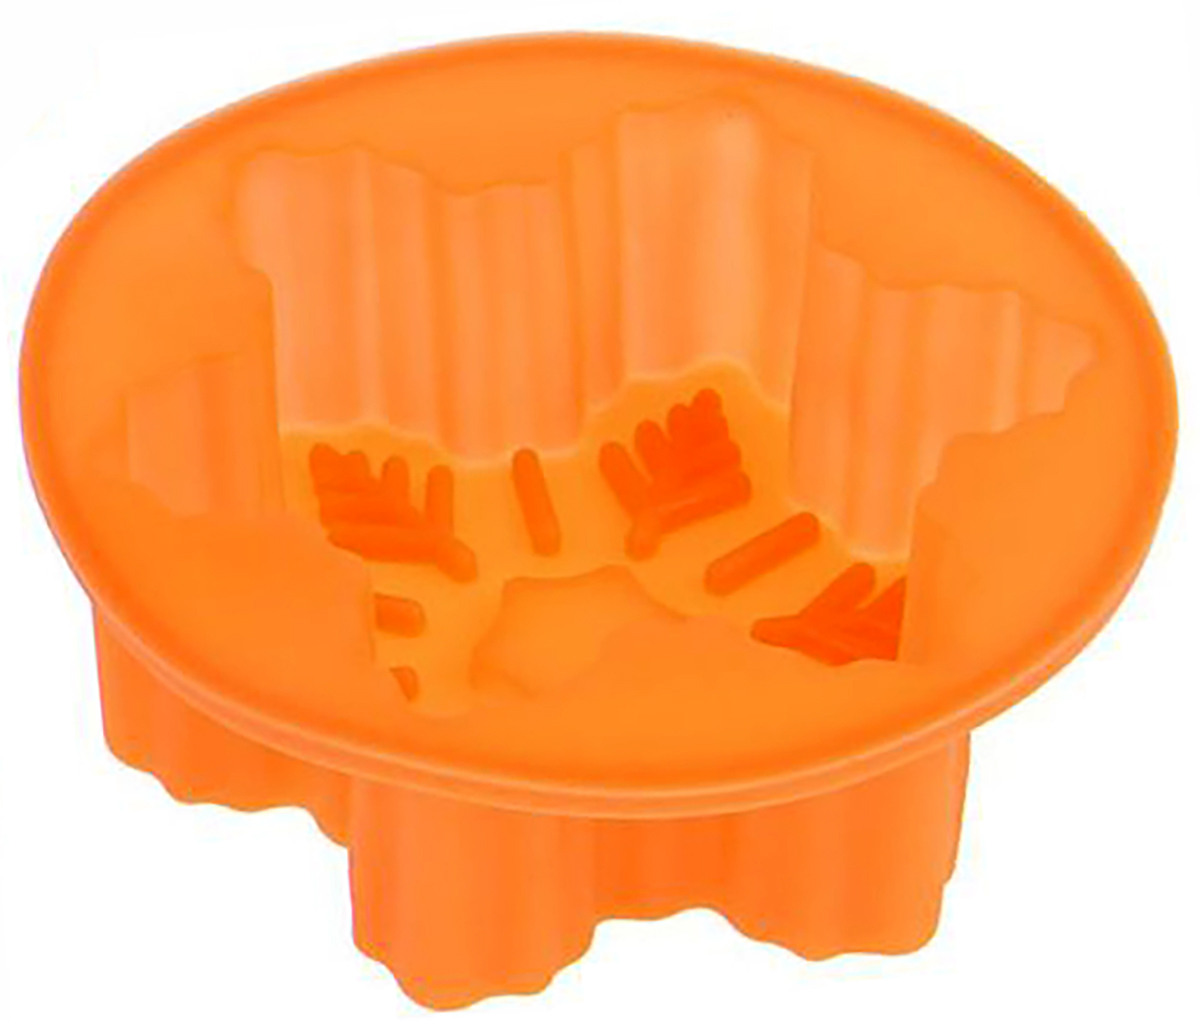 Форма для выпечки Доляна Снежинка, цвет: оранжевый, 10 х 10 х 3,5 см1403955_оранжевыйФорма для выпечки из силикона — современное решение для практичных и радушных хозяек. Оригинальный предмет позволяет готовить в духовке любимые блюда из мяса, рыбы, птицы и овощей, а также вкуснейшую выпечку.Почему это изделие должно быть на кухне?блюдо сохраняет нужную форму и легко отделяется от стенок после приготовления;высокая термостойкость (от –40 до 230 ?) позволяет применять форму в духовых шкафах и морозильных камерах;небольшая масса делает эксплуатацию предмета простой даже для хрупкой женщины;силикон пригоден для посудомоечных машин;высокопрочный материал делает форму долговечным инструментом;при хранении предмет занимает мало места.Советы по использованию формыПеред первым применением промойте предмет теплой водой.В процессе приготовления используйте кухонный инструмент из дерева, пластика или силикона.Перед извлечением блюда из силиконовой формы дайте ему немного остыть, осторожно отогните края предмета.Готовьте с удовольствием!